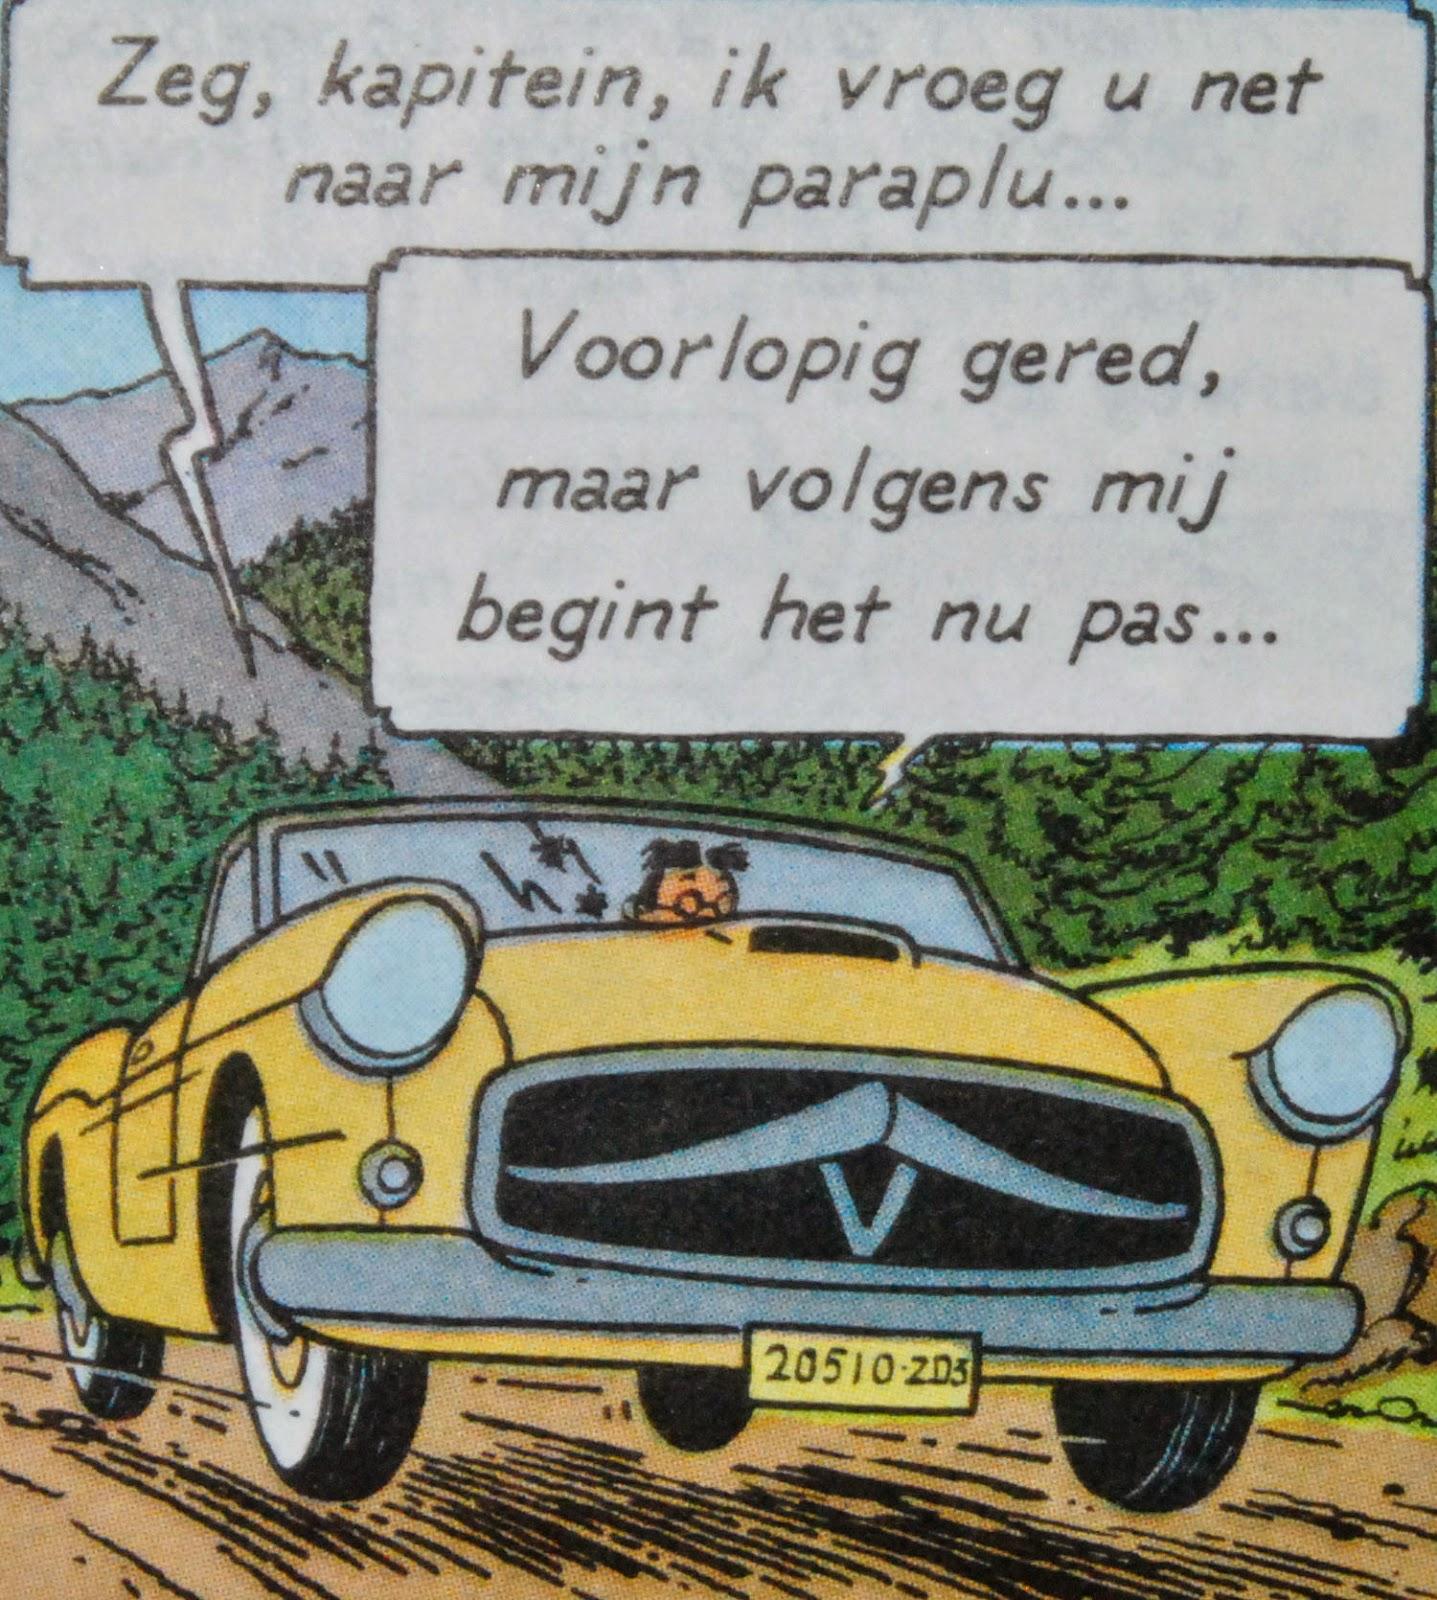 King in yellow de auto 39 s van kuifje in miniatuur de zaak for Schepper van de stripfiguur kuifje